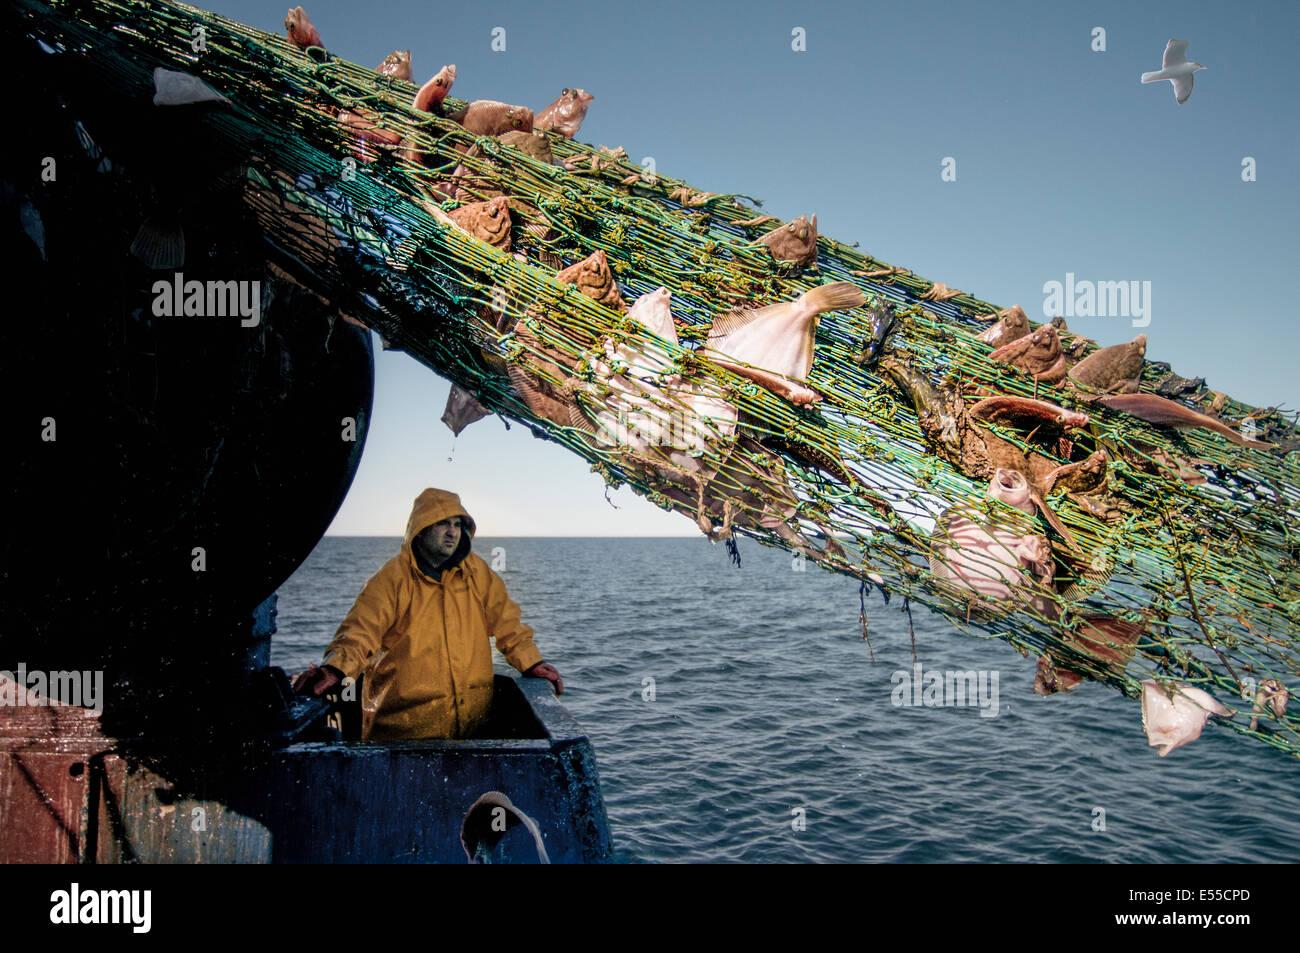 Pescatore tira indietro dragger net sulla pesca a strascico. Stellwagen banche, New England, Stati Uniti, Nord Oceano Atlantico. Foto Stock